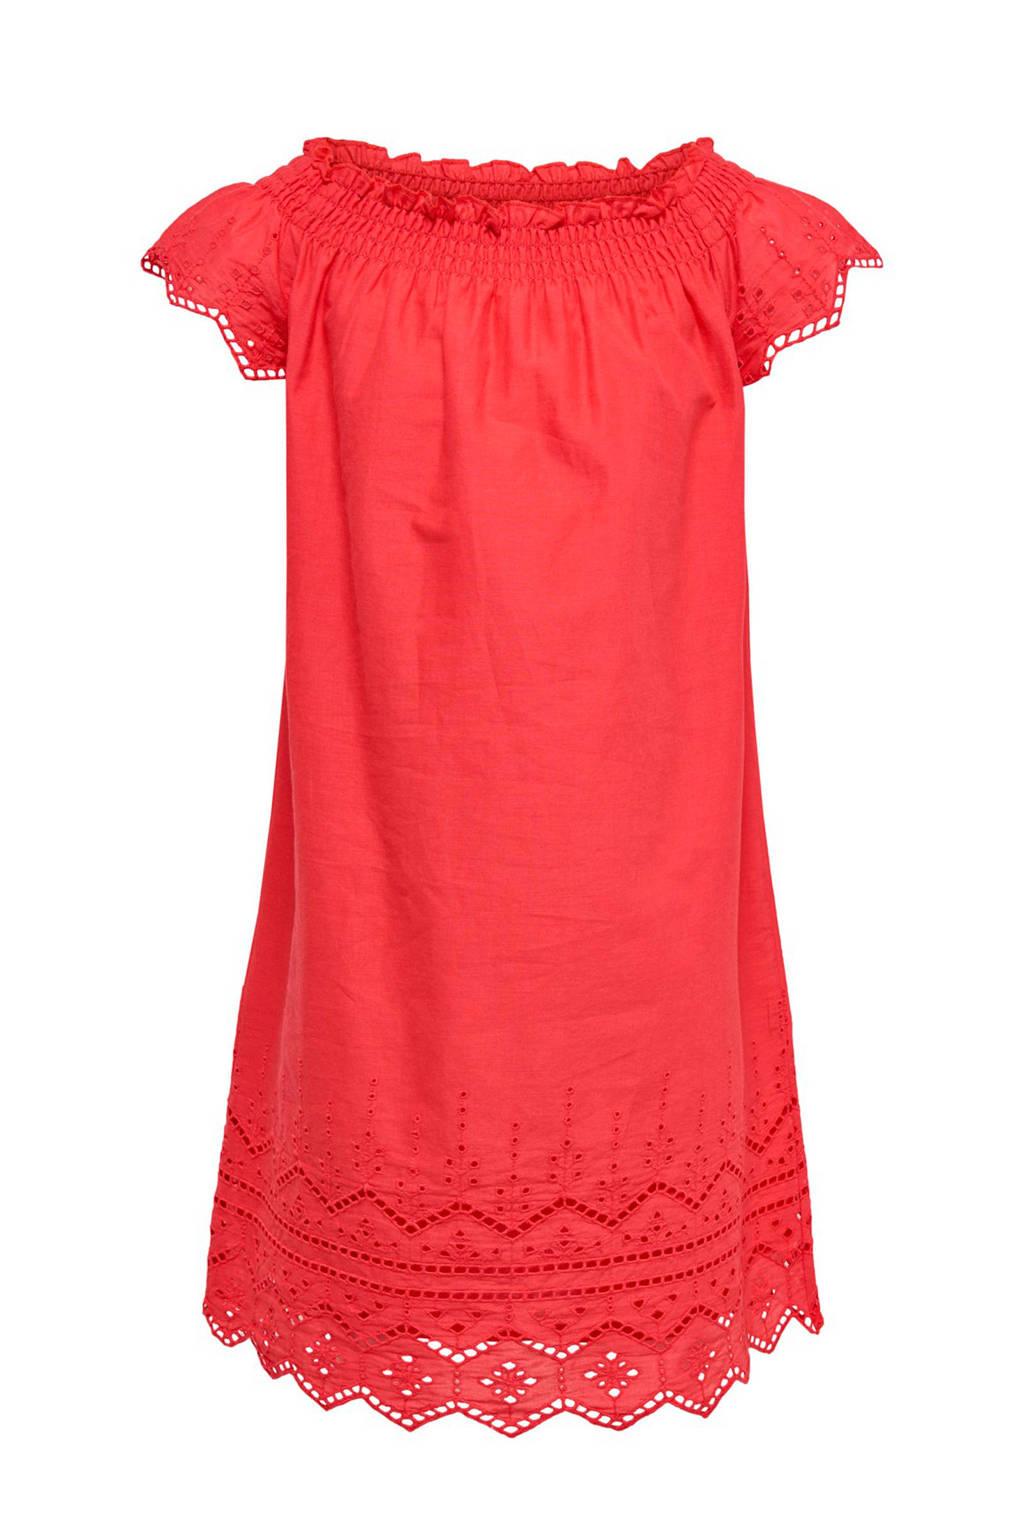 KIDSONLY jurk Ria met borduur koraalrood, Bittersweet